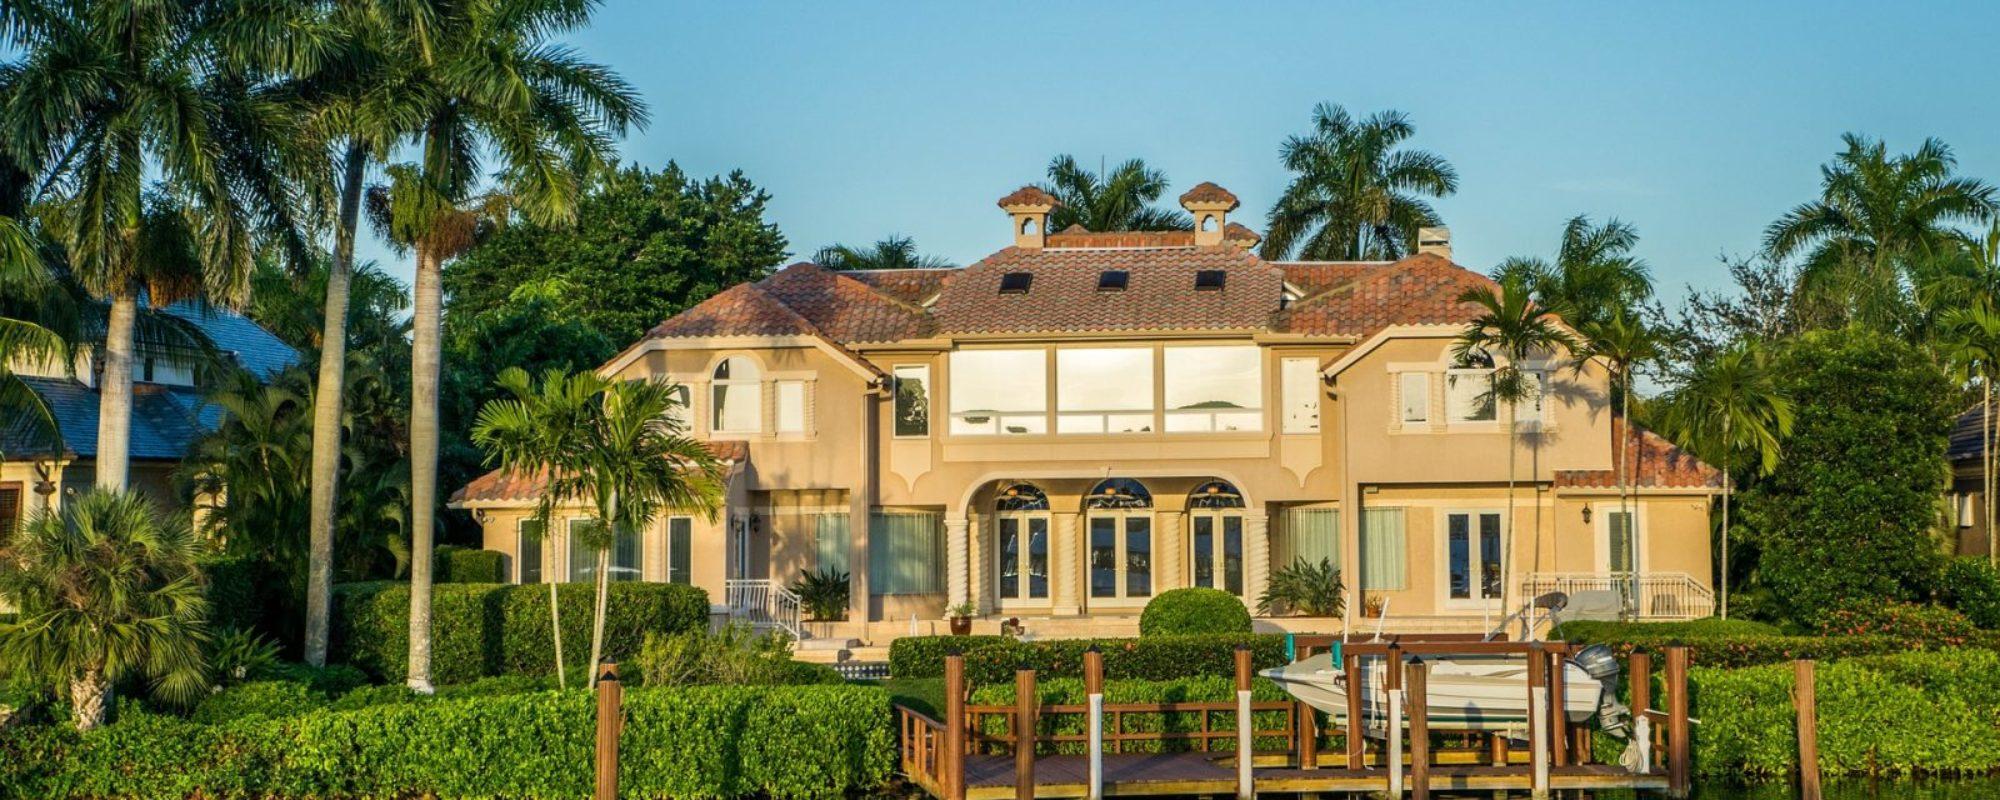 FL Real Estate